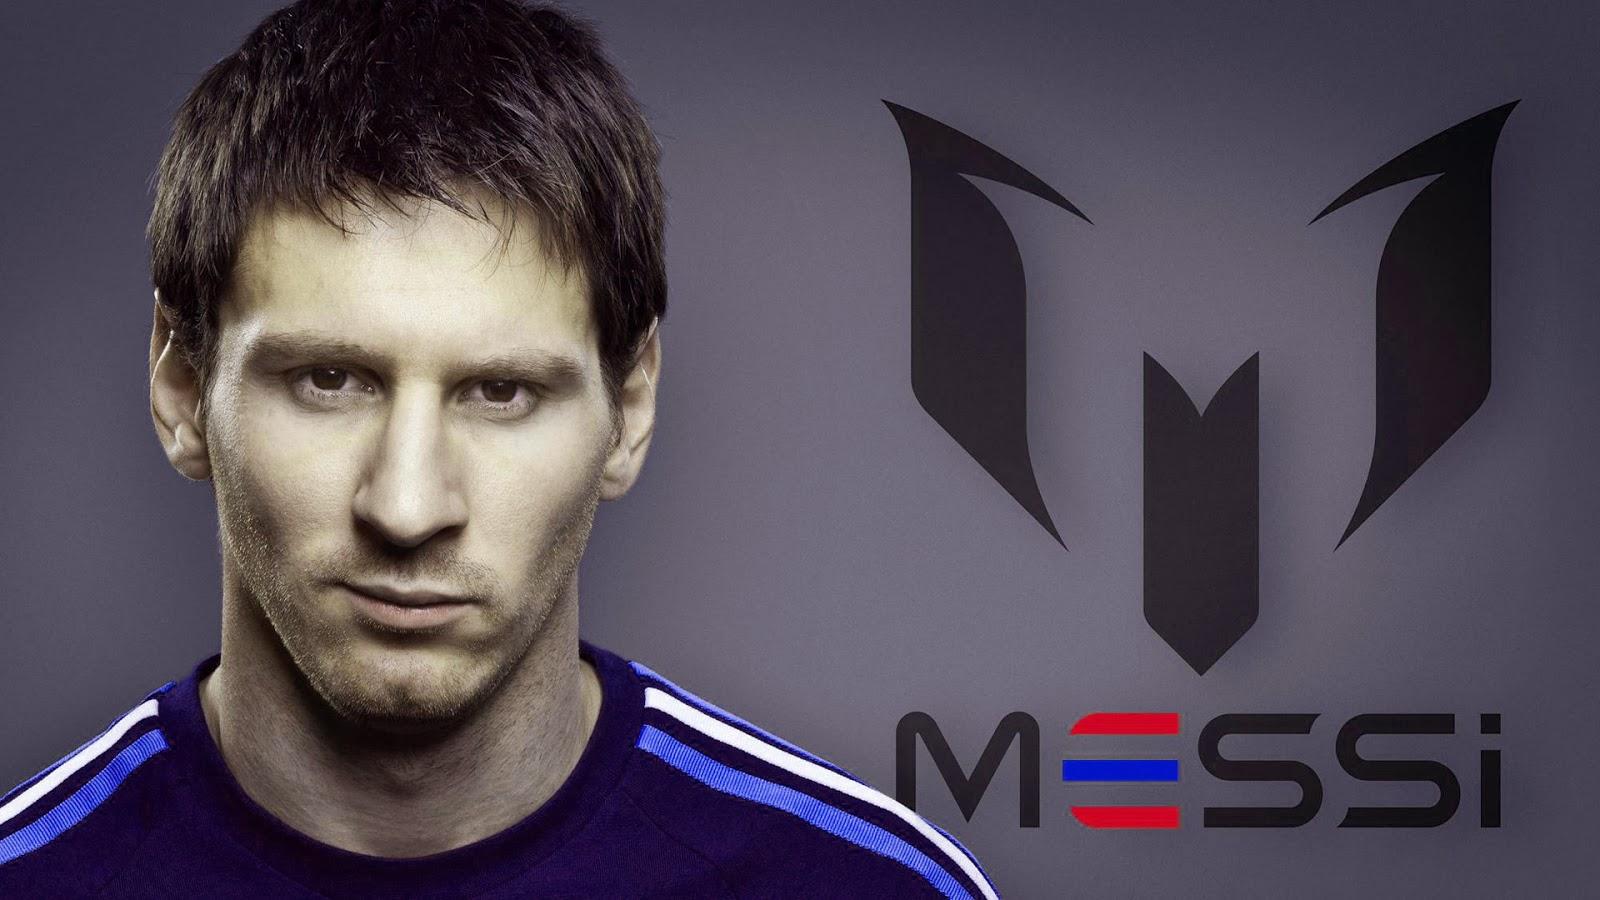 Messi Sudah Dipastikan Akan Tetap Bergabung Dengan Barcelona